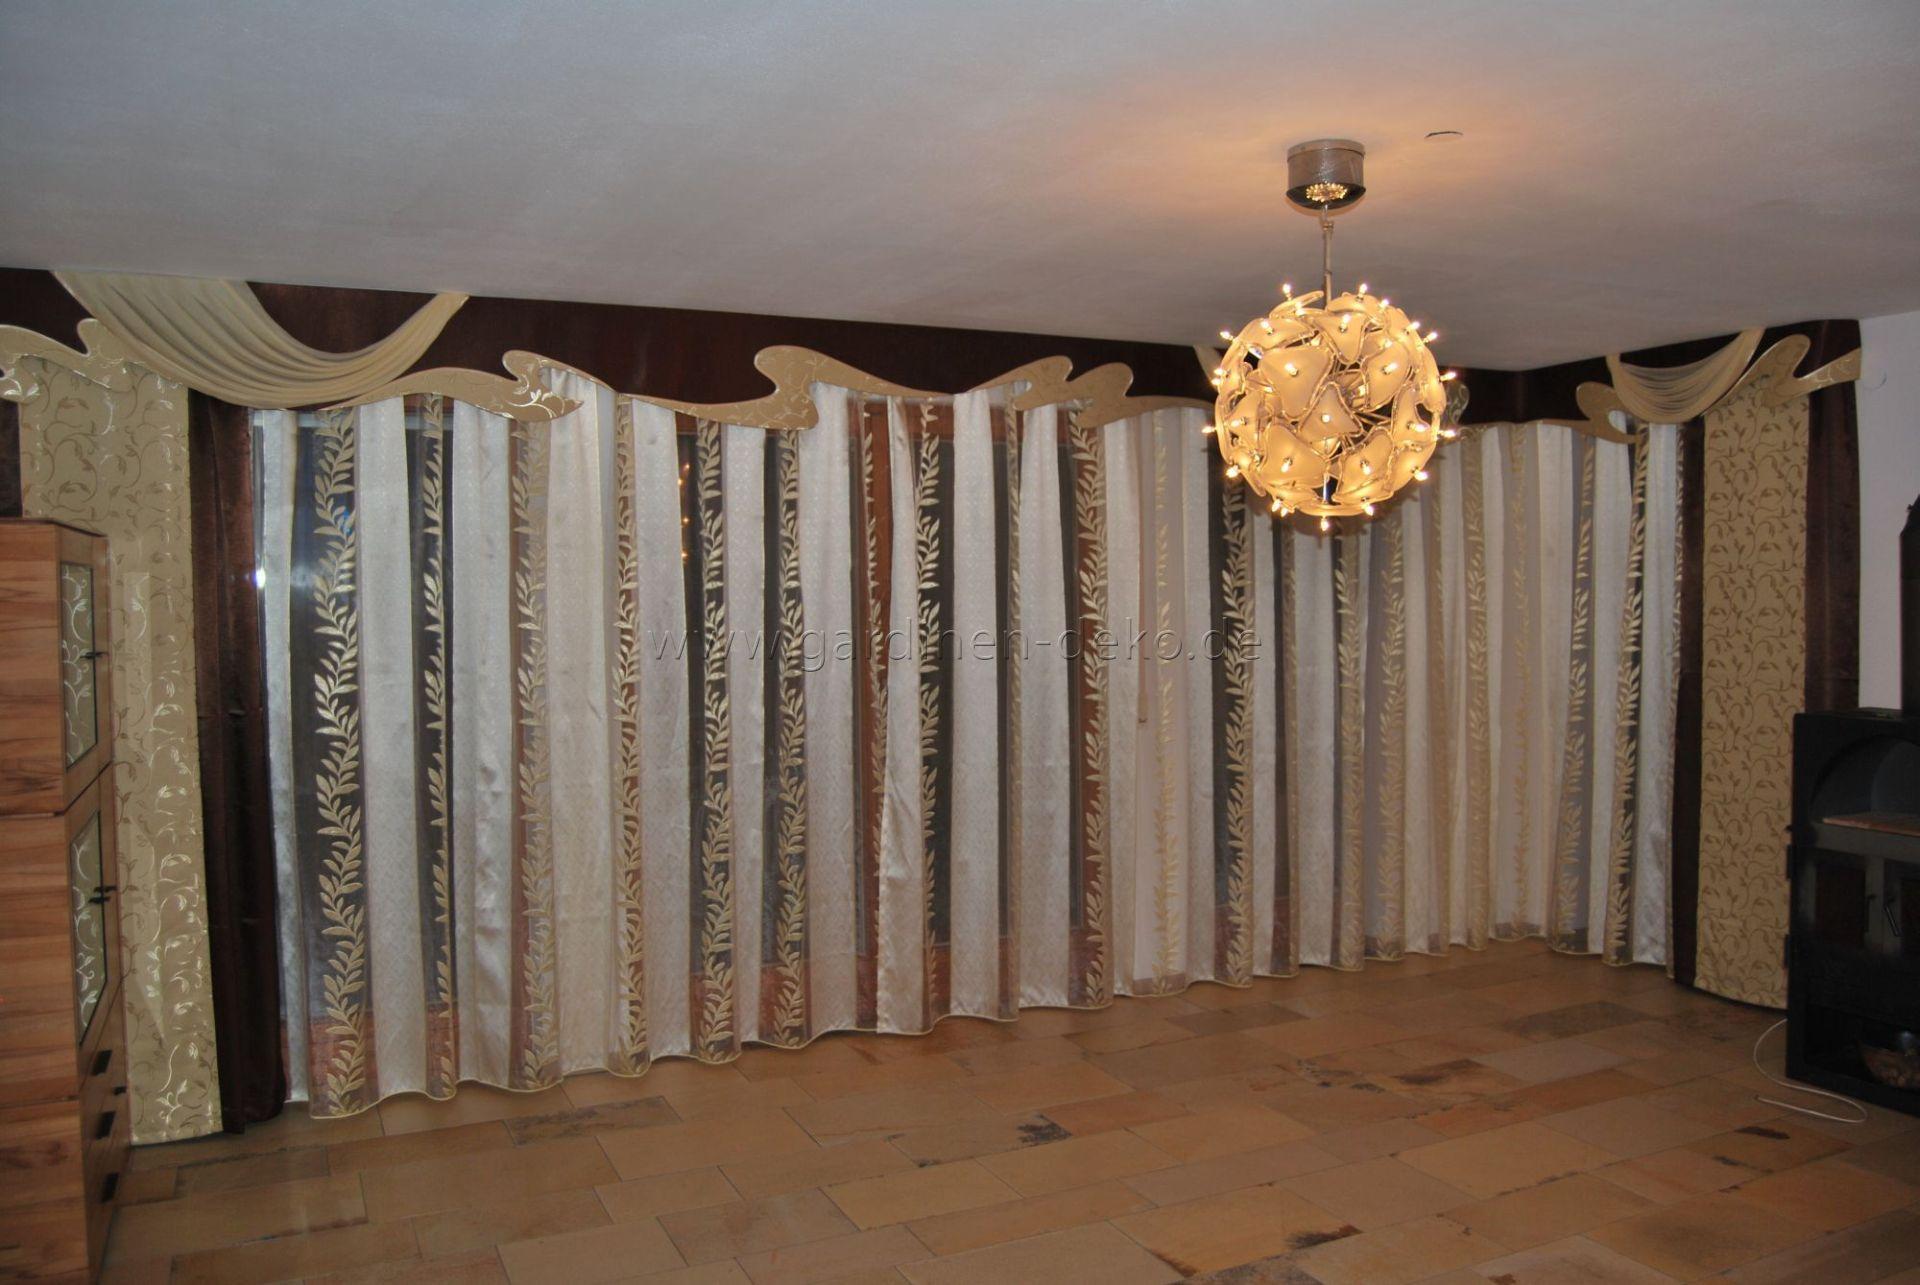 Großer Wohnzimmer Vorhang Im Klassischen Stil Mit Durchgehender ... Wohnzimmer Braun Beige Deko